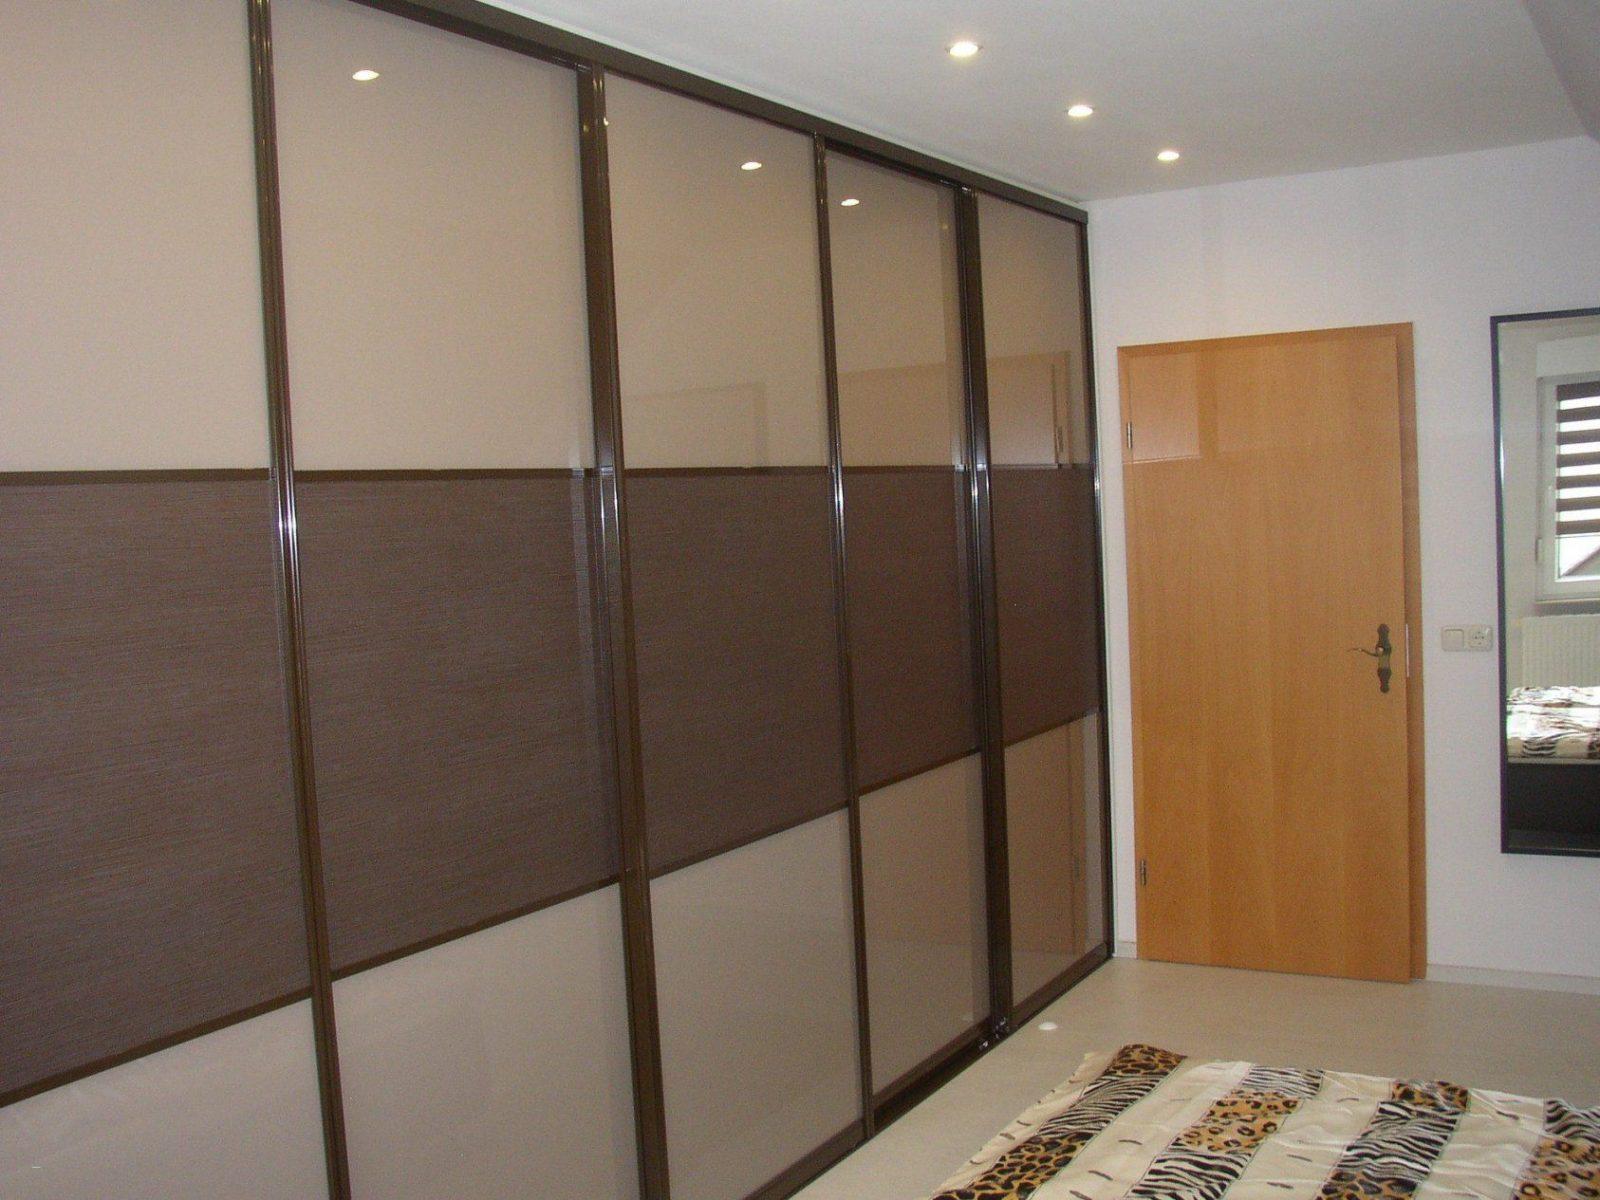 schiebet r kleiderschrank selber bauen haus design ideen. Black Bedroom Furniture Sets. Home Design Ideas